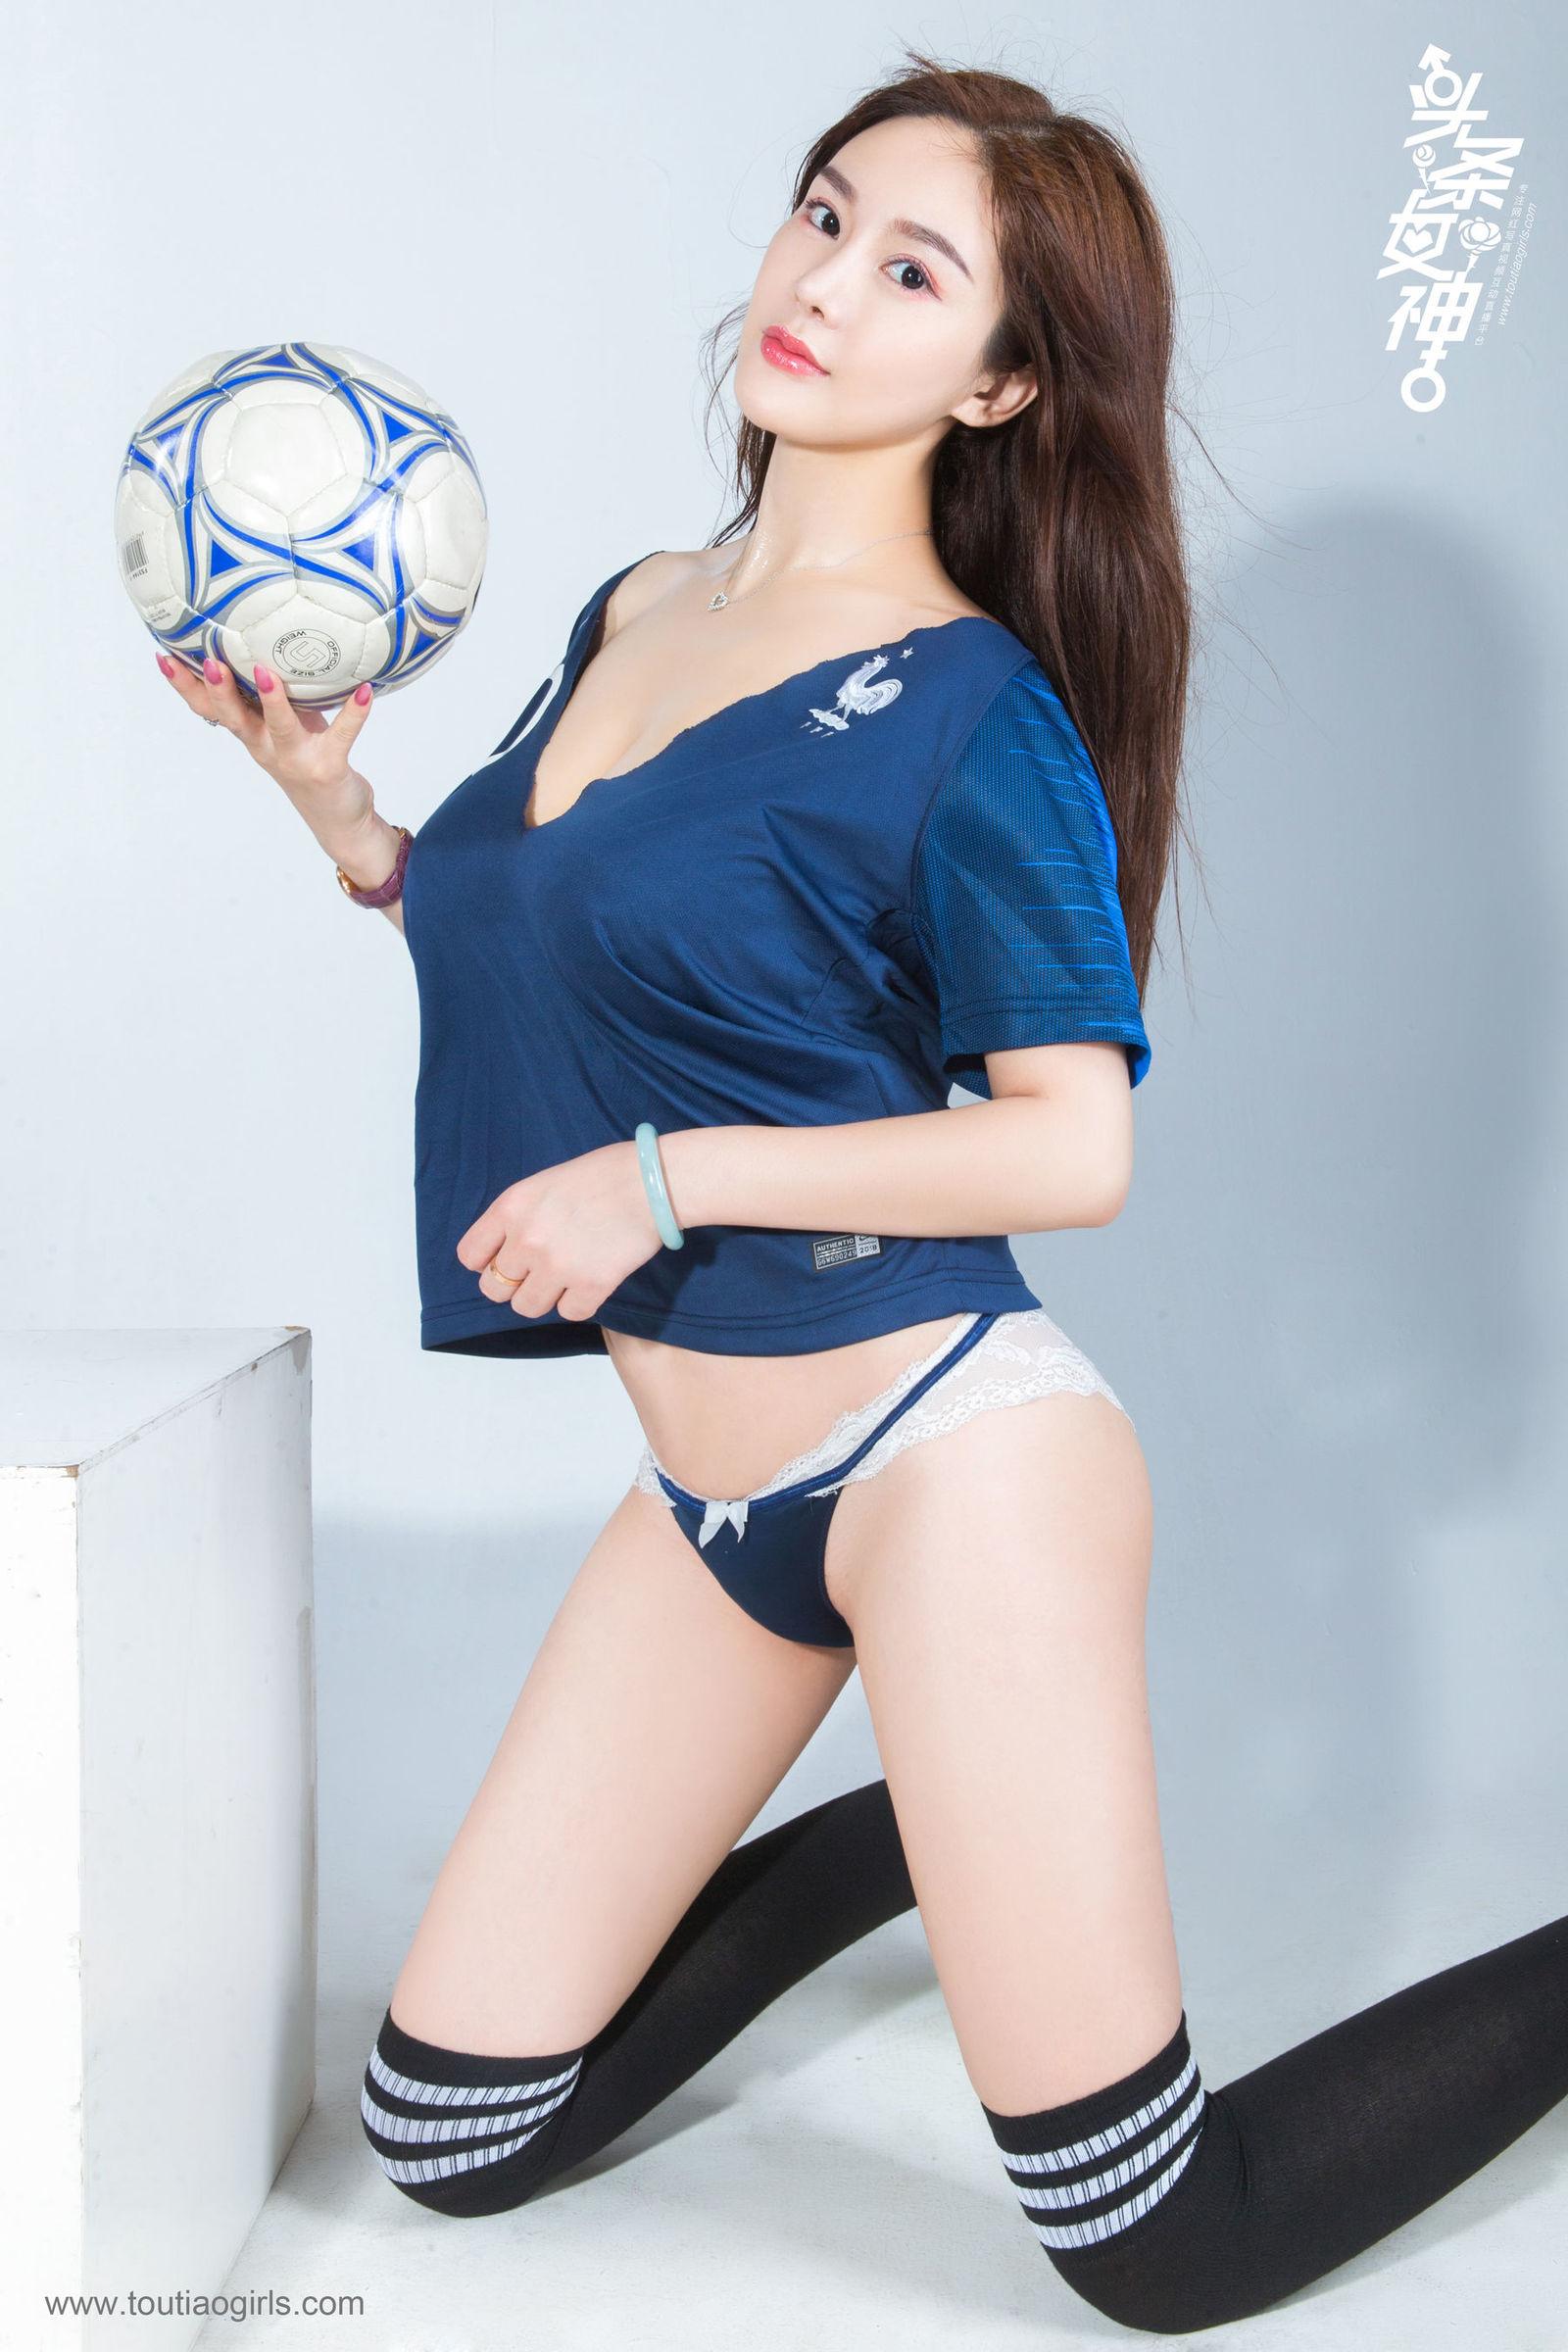 [Toutiaogirls头条女神] 易阳 - 女神预测世界杯 丝袜美图[11P]